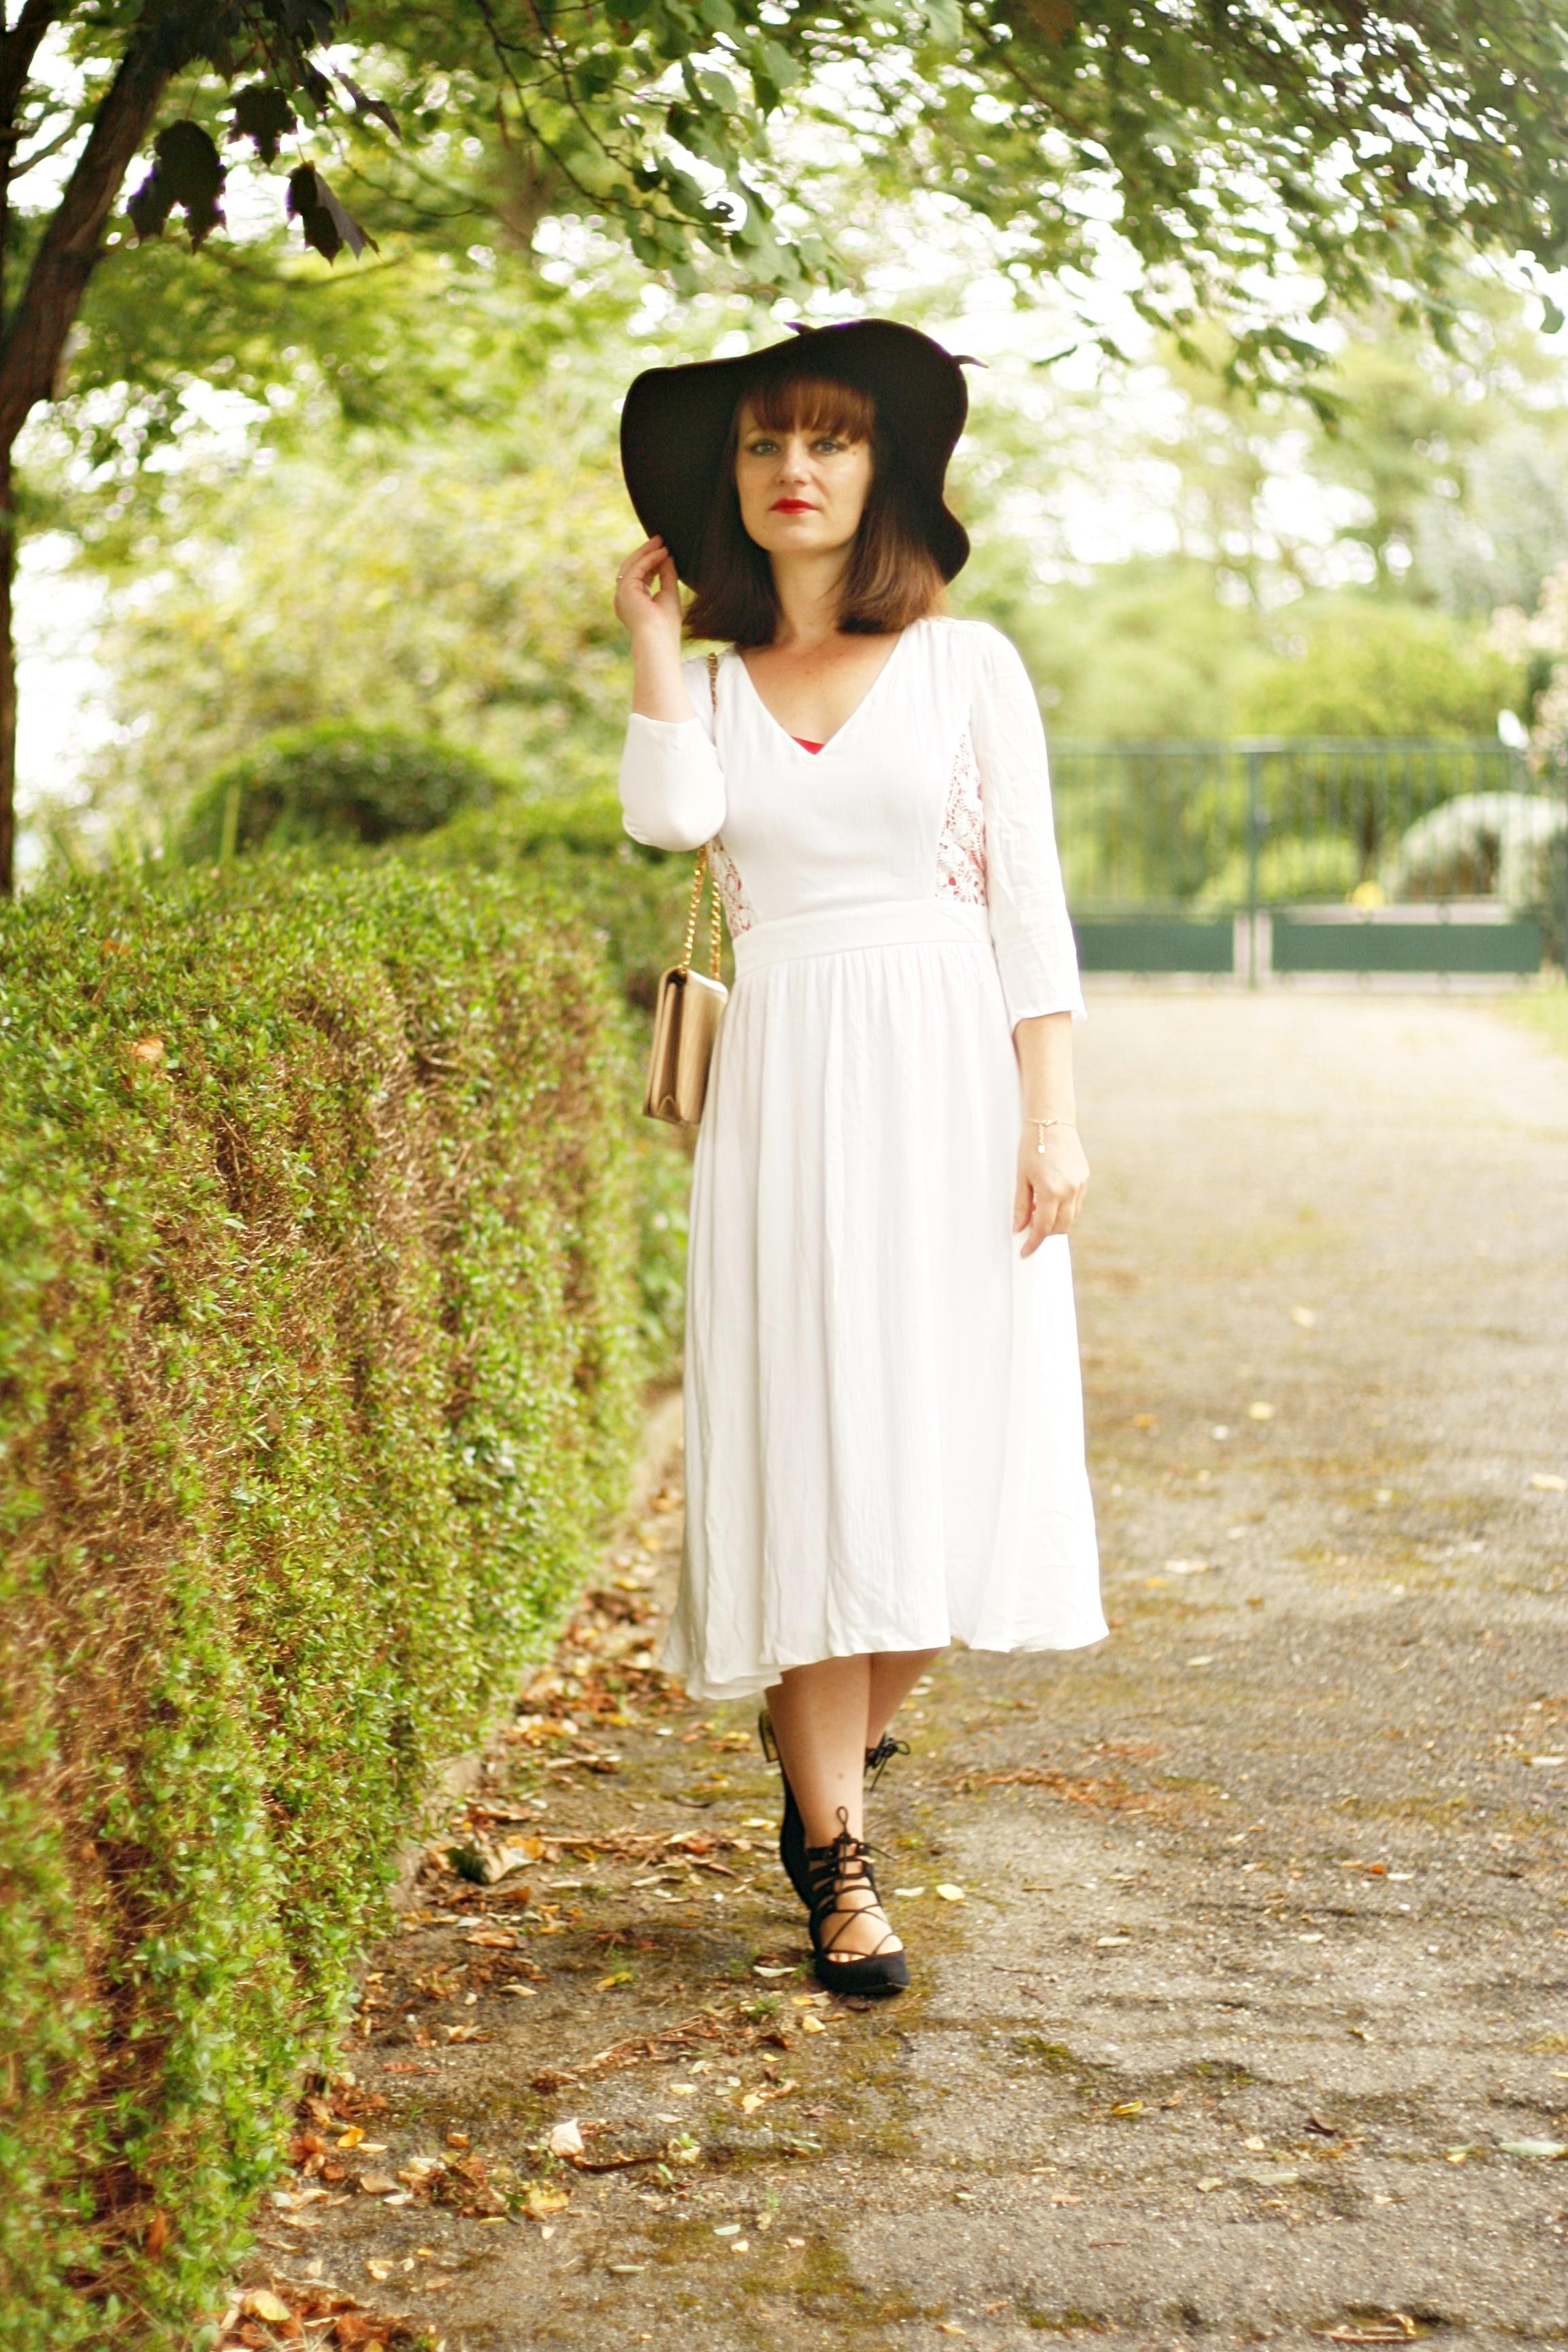 blog-mode-sac-chanel-vintage-chanel-vide-dressing-sac-chanel-mademoiselle-beige